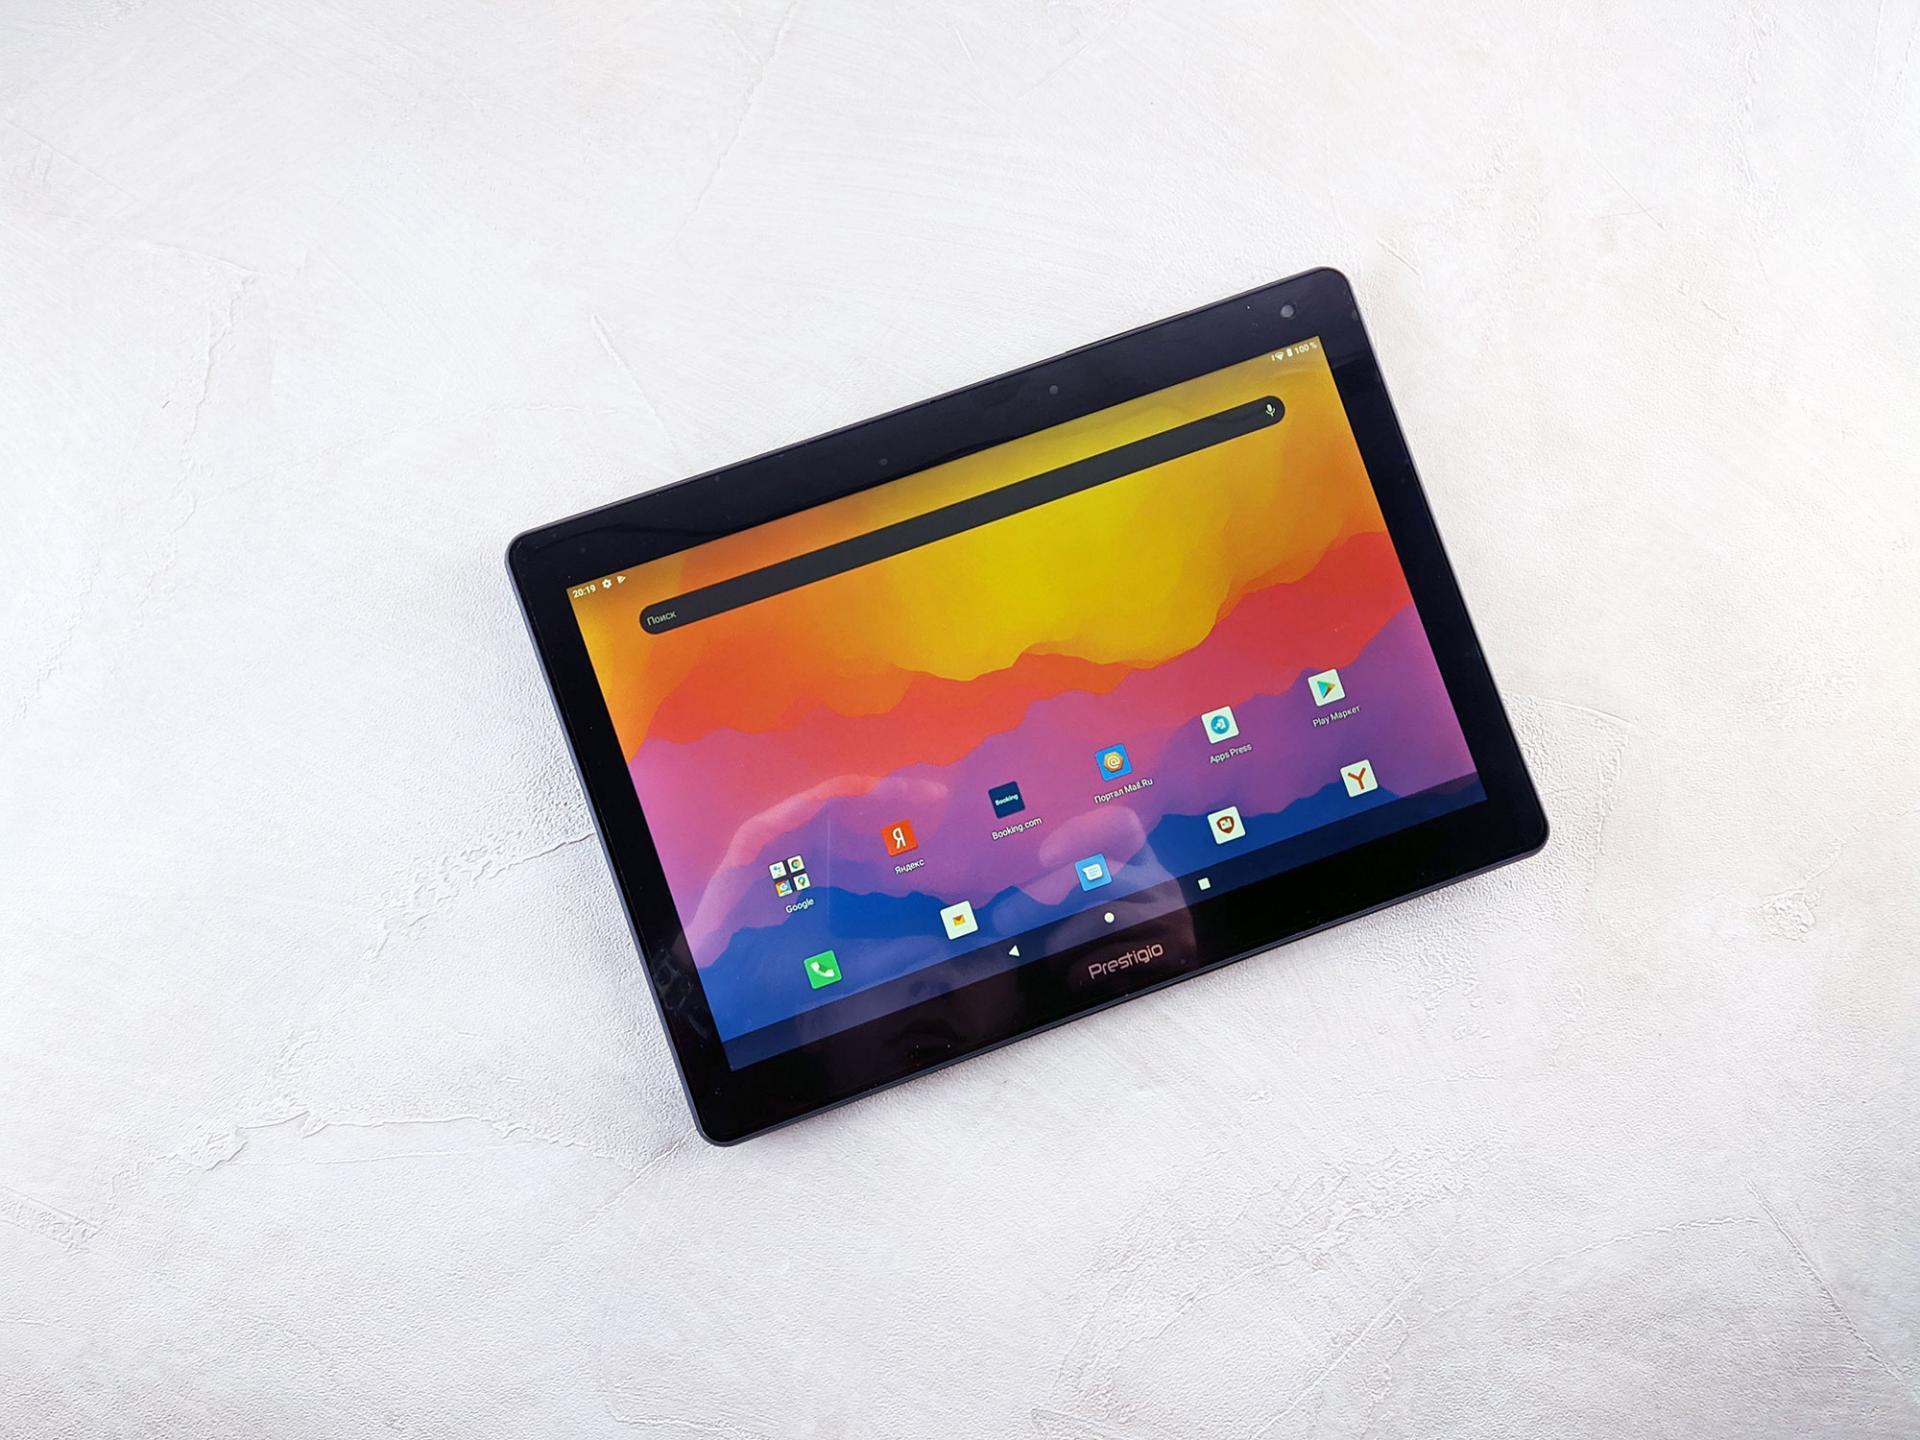 Тест-драйв планшета Prestigio MUZE 3231 4G